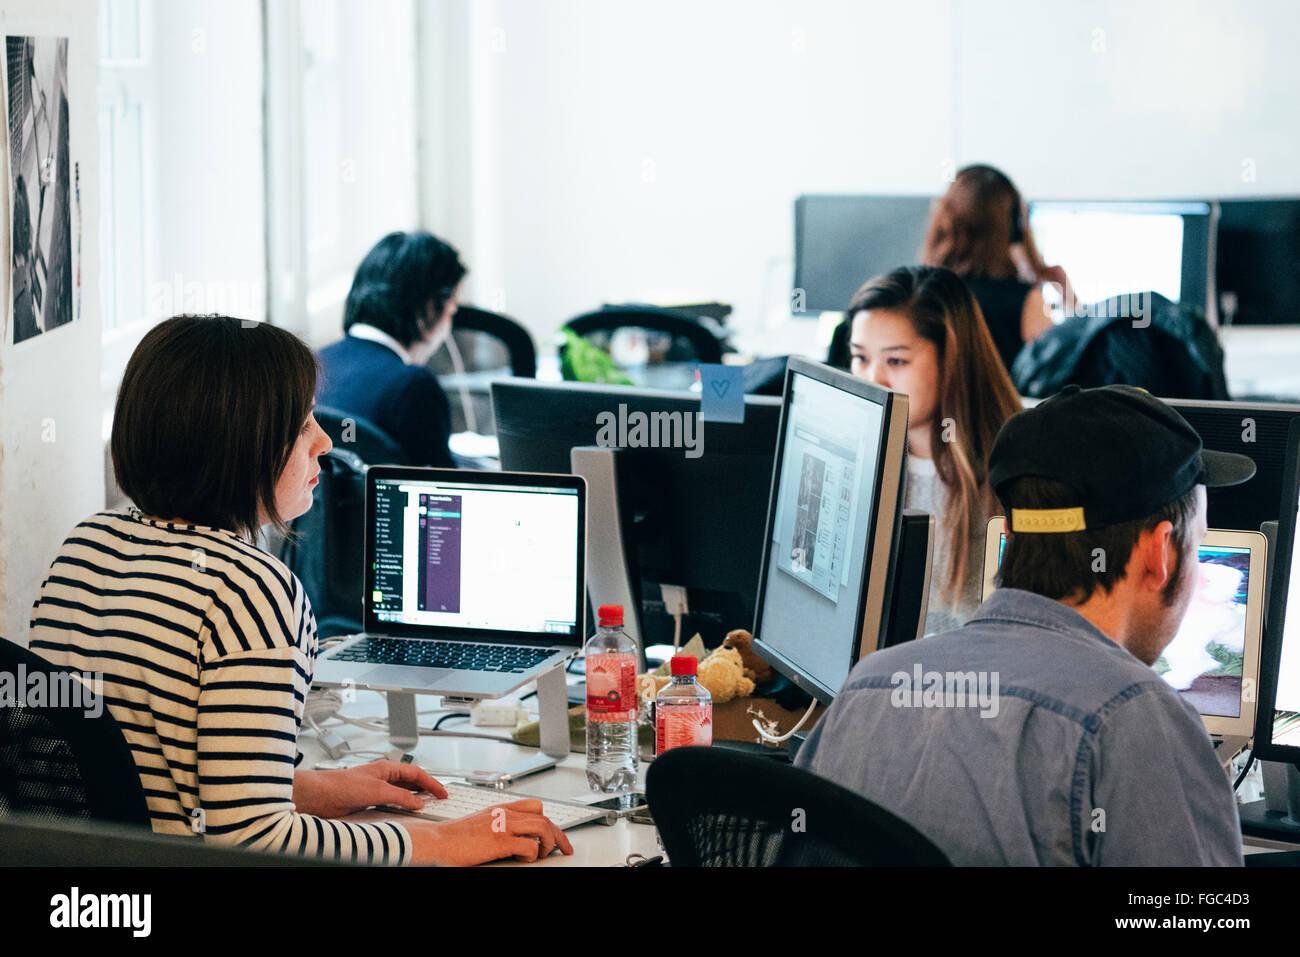 Le persone che lavorano su computer in ufficio Immagini Stock